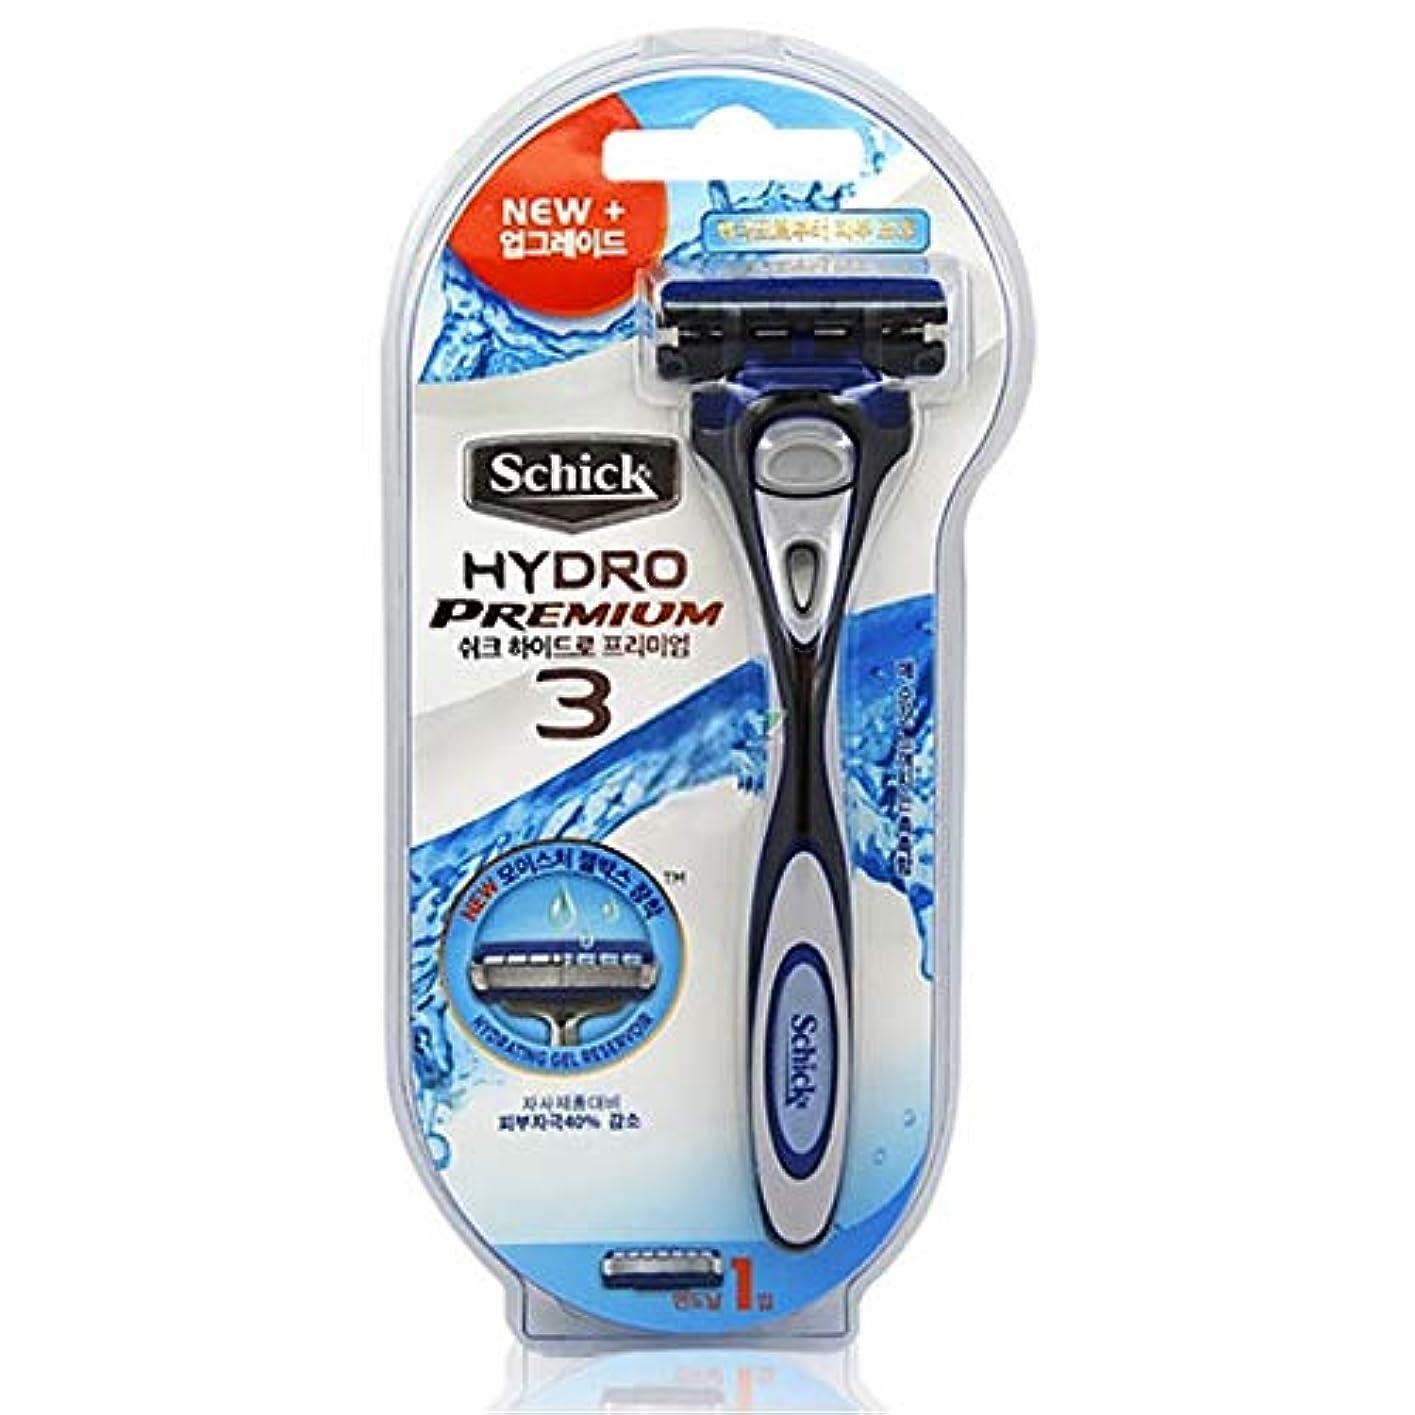 講師メンタリティ事務所Schick Hydro 3 Shaving Razor with 1 カートリッジ [並行輸入品]